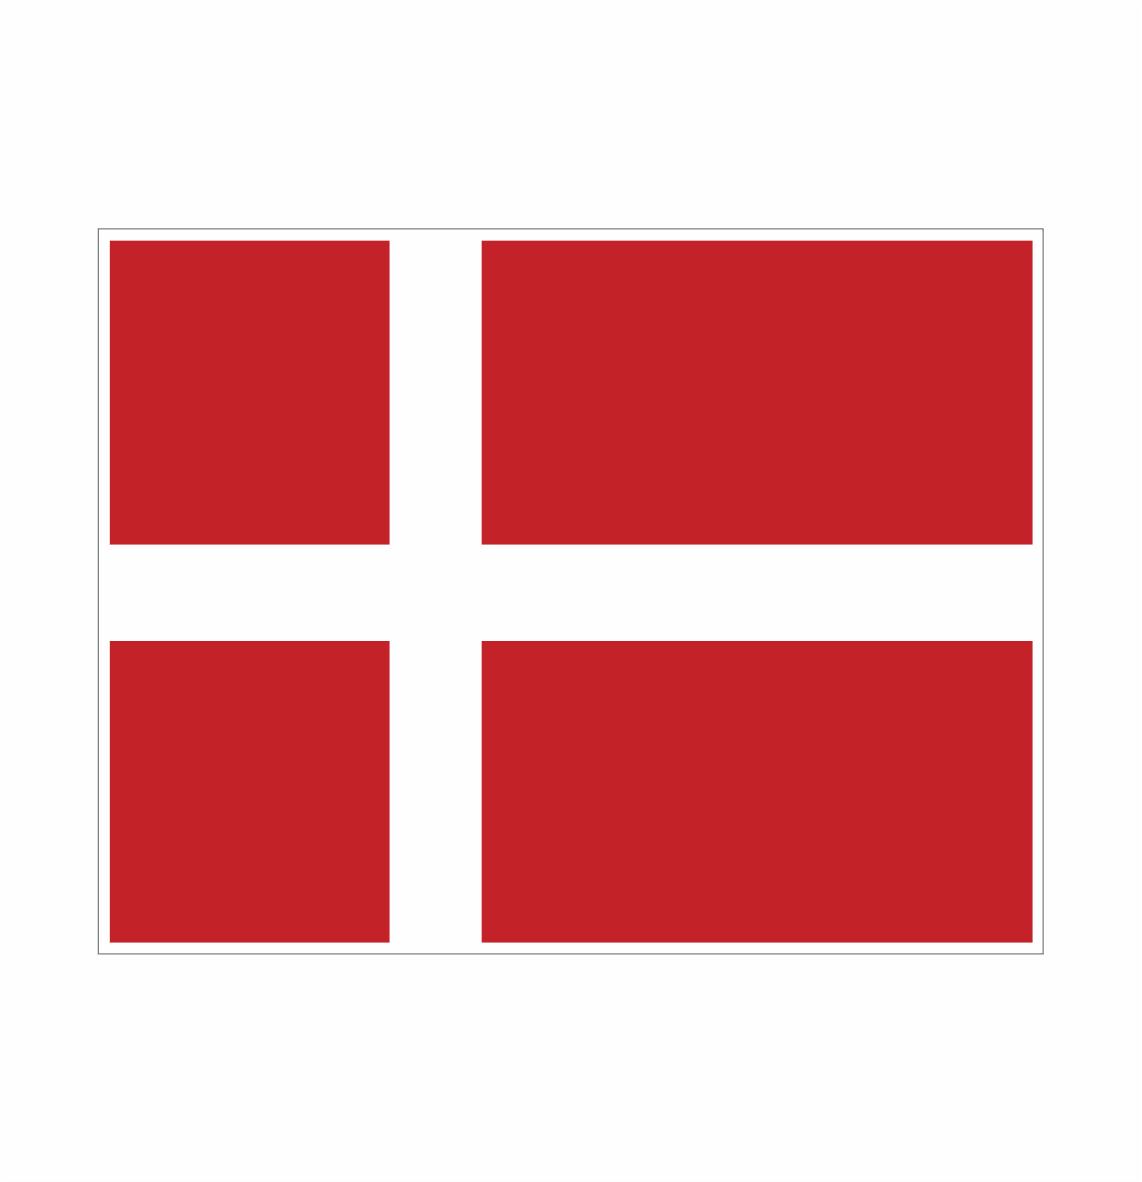 https://cosign.dk/wp-content/uploads/2017/11/Dannebrog-flag-1-dk-flag.png